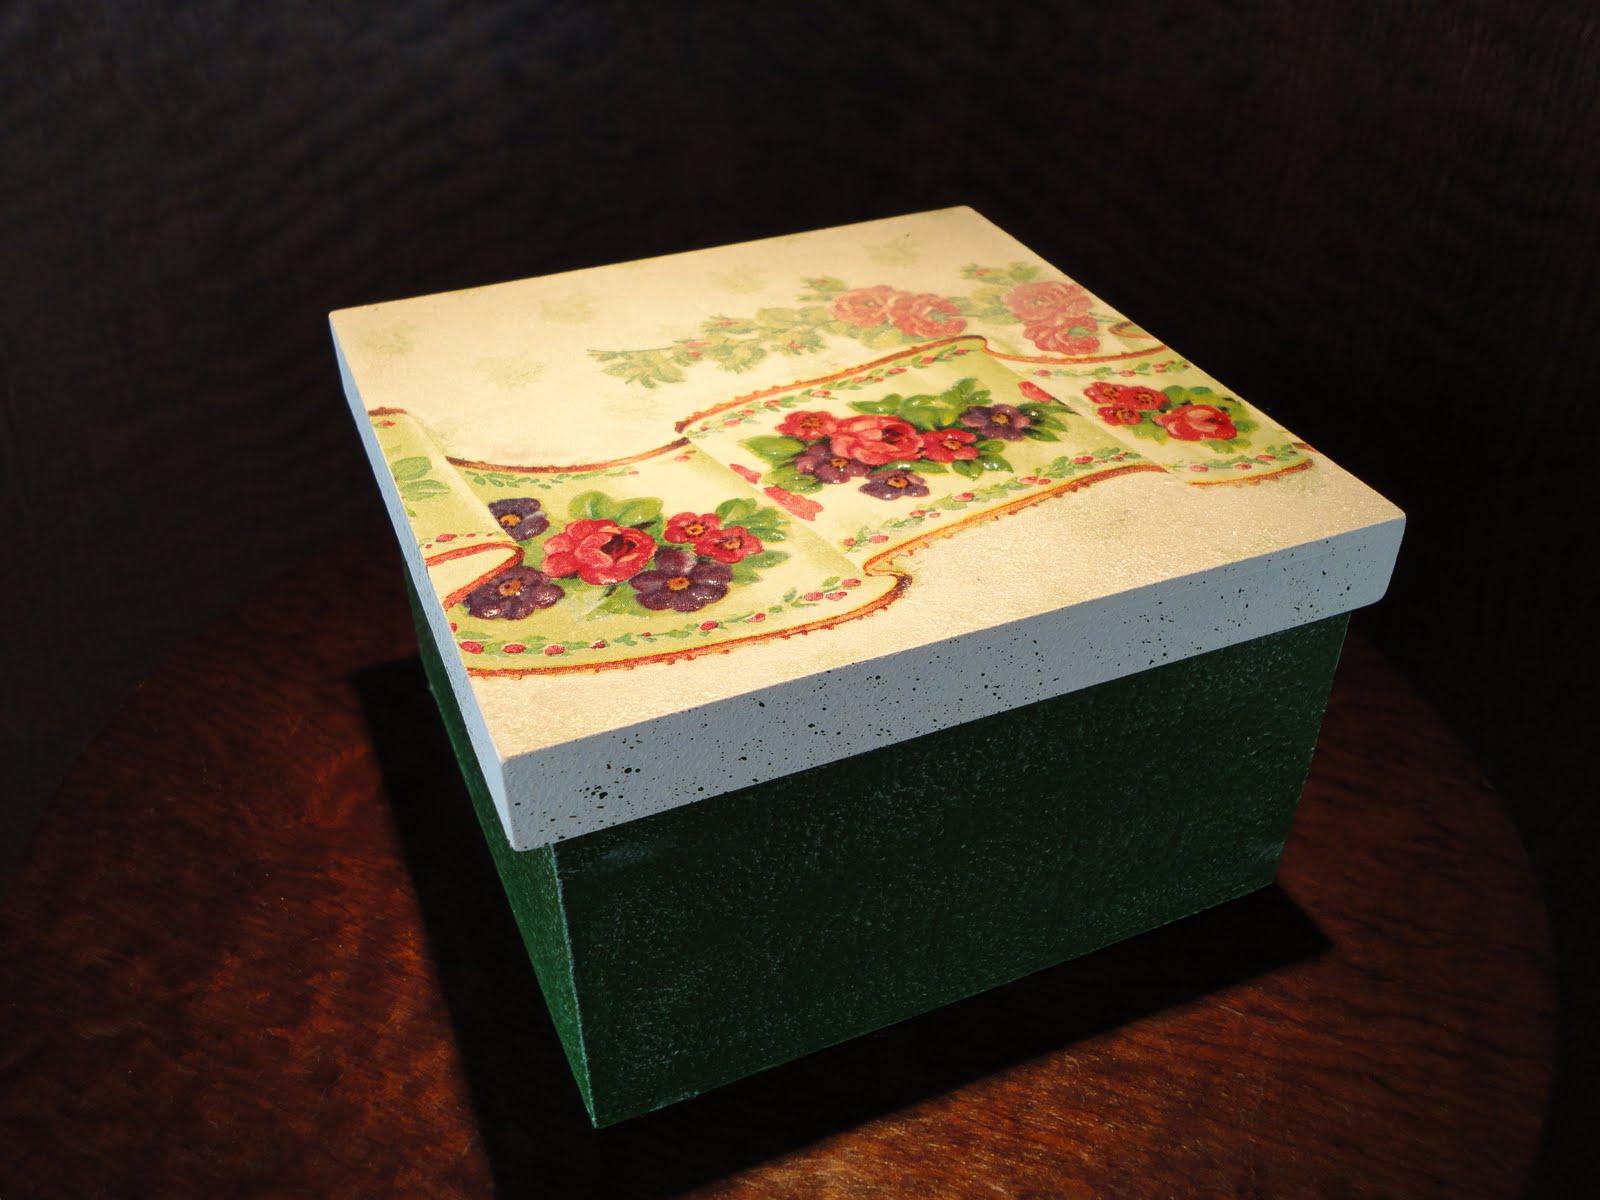 Caixa em mdf com decoupage e textura *Caixas decoradas* com pintura  #B78714 1600x1200